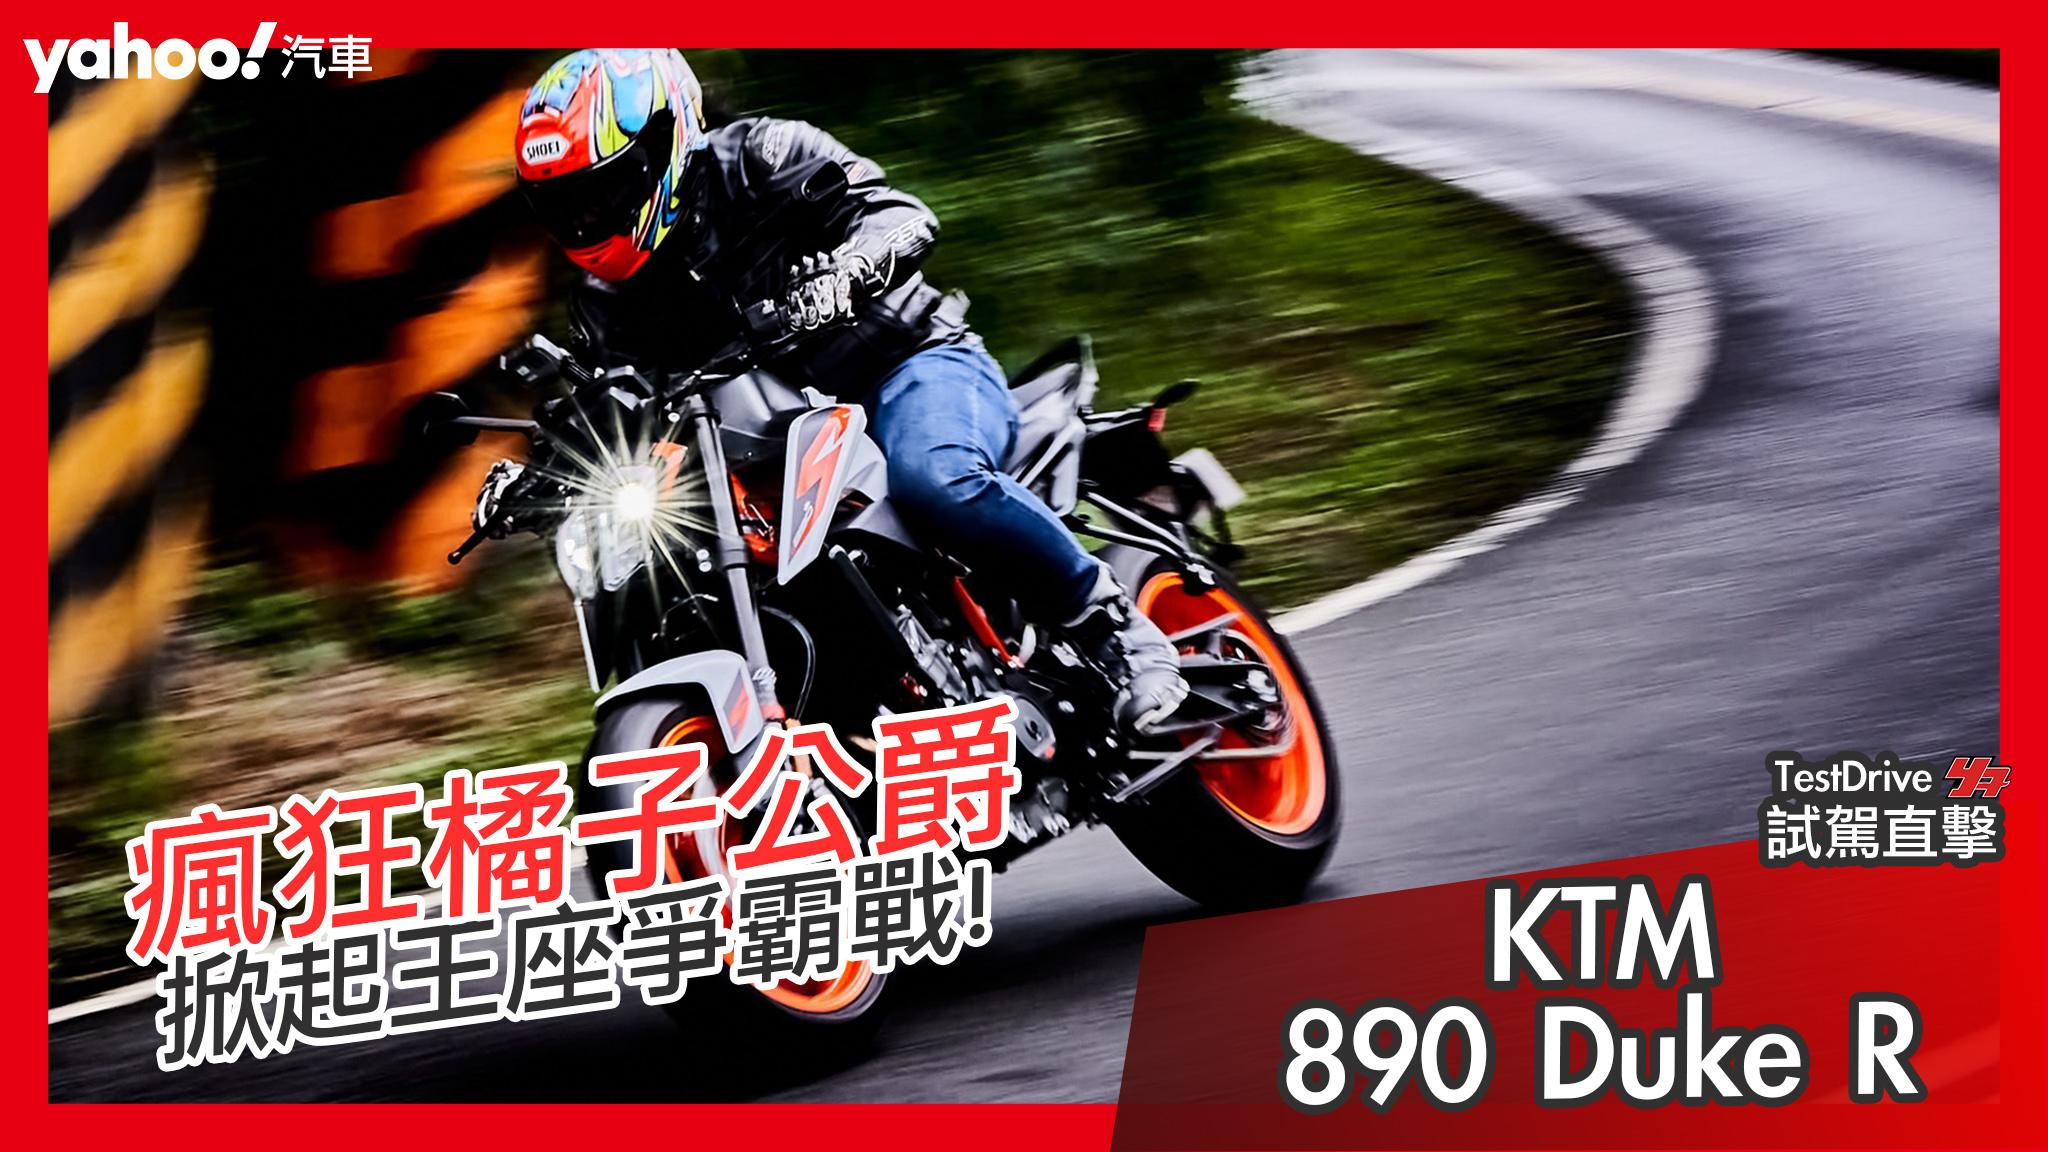 【試駕直擊】再次掀起王座爭霸戰!2020 KTM 1290 Super Duke R發表暨890 Duke R抵台試駕!